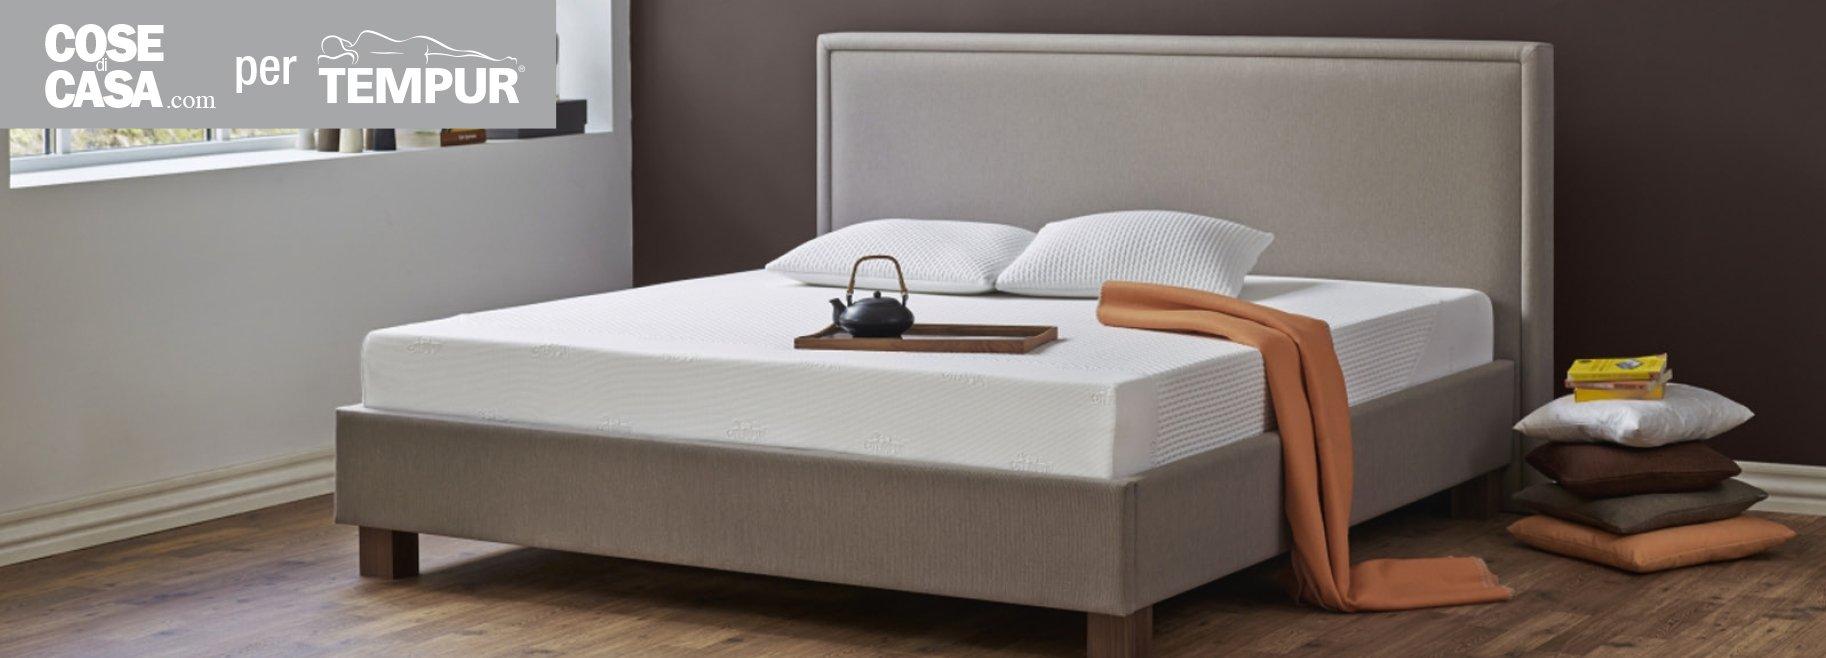 Posizione e orientamento del letto quanto conta per dormire meglio cose di casa - Divano letto comodo per dormire ...